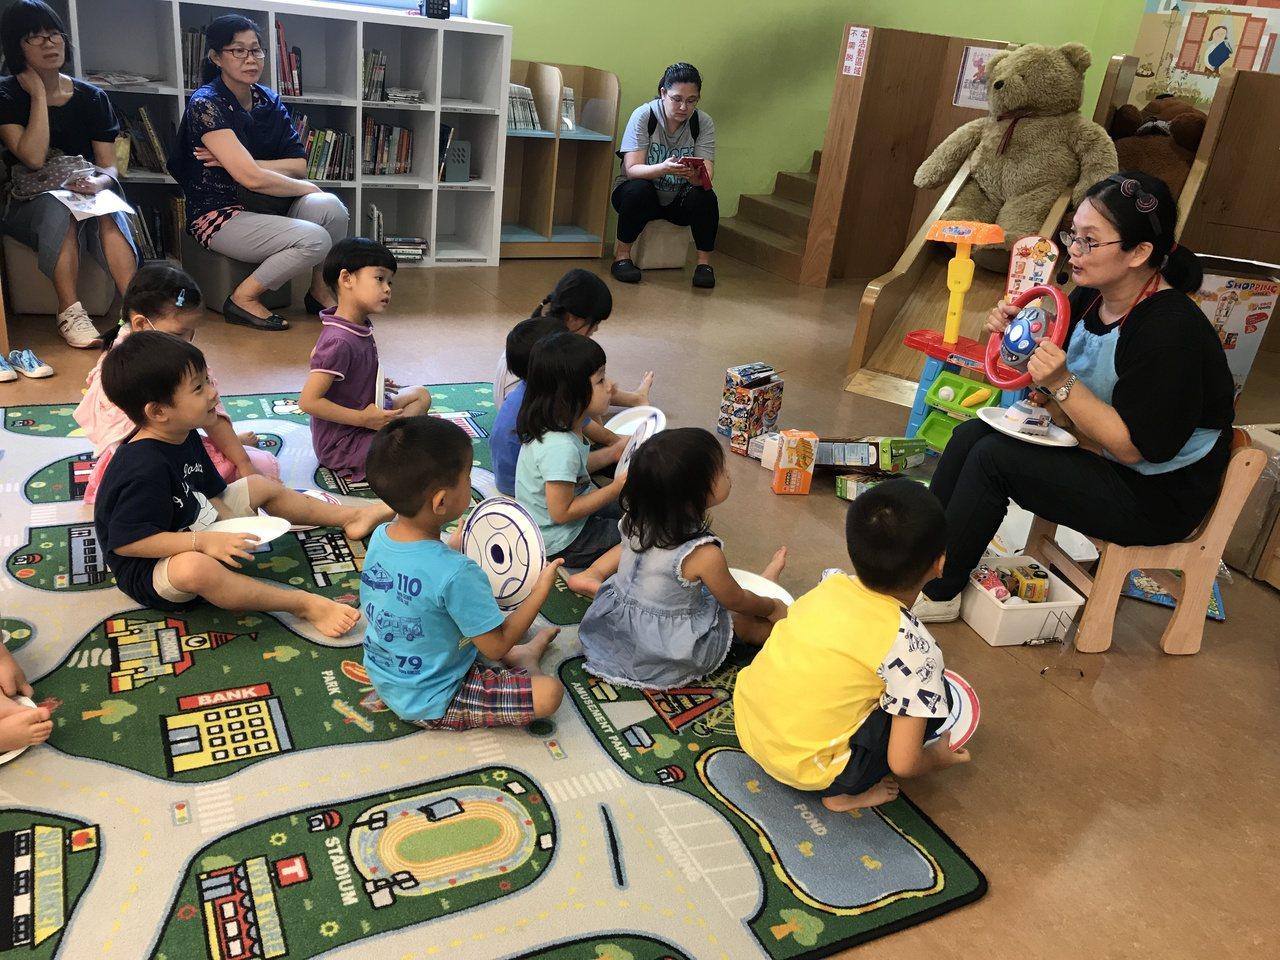 搭配英語繪本內容,林美育媽媽還喜歡帶道具、玩具和小朋友一起同樂。圖/新北市立圖書...